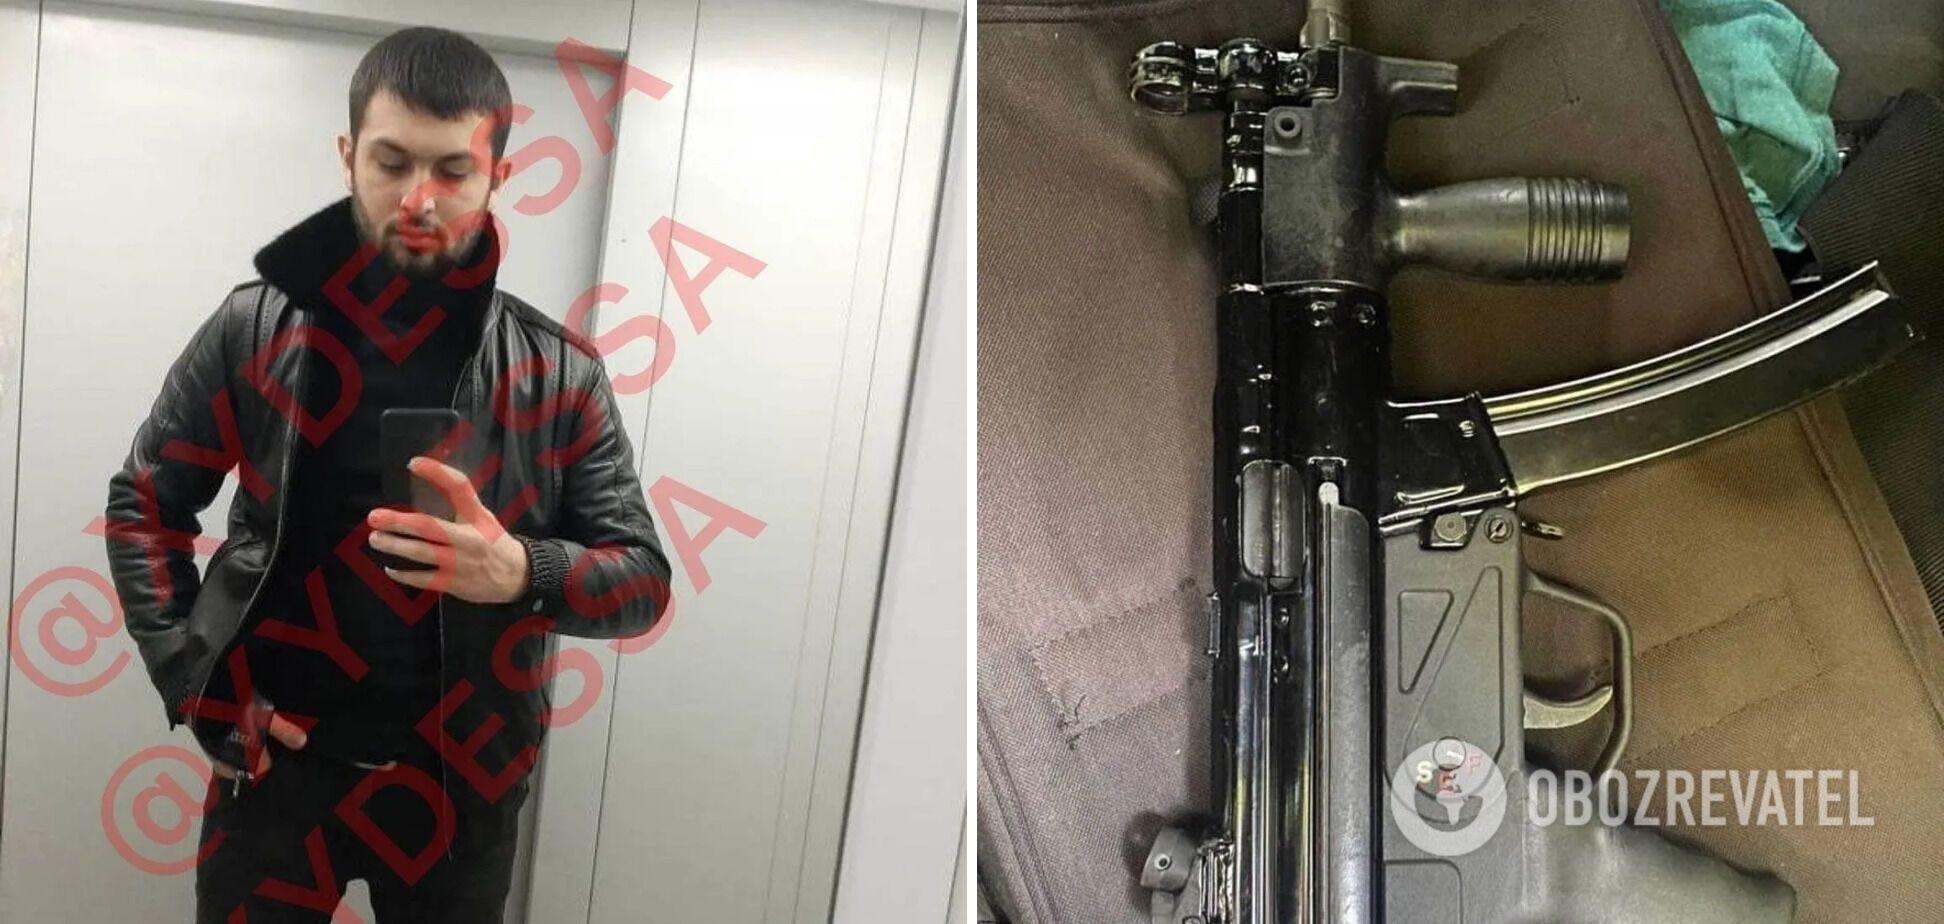 Вбитий Лачин Мамедов і зброя, з якої його розстріляв кілер